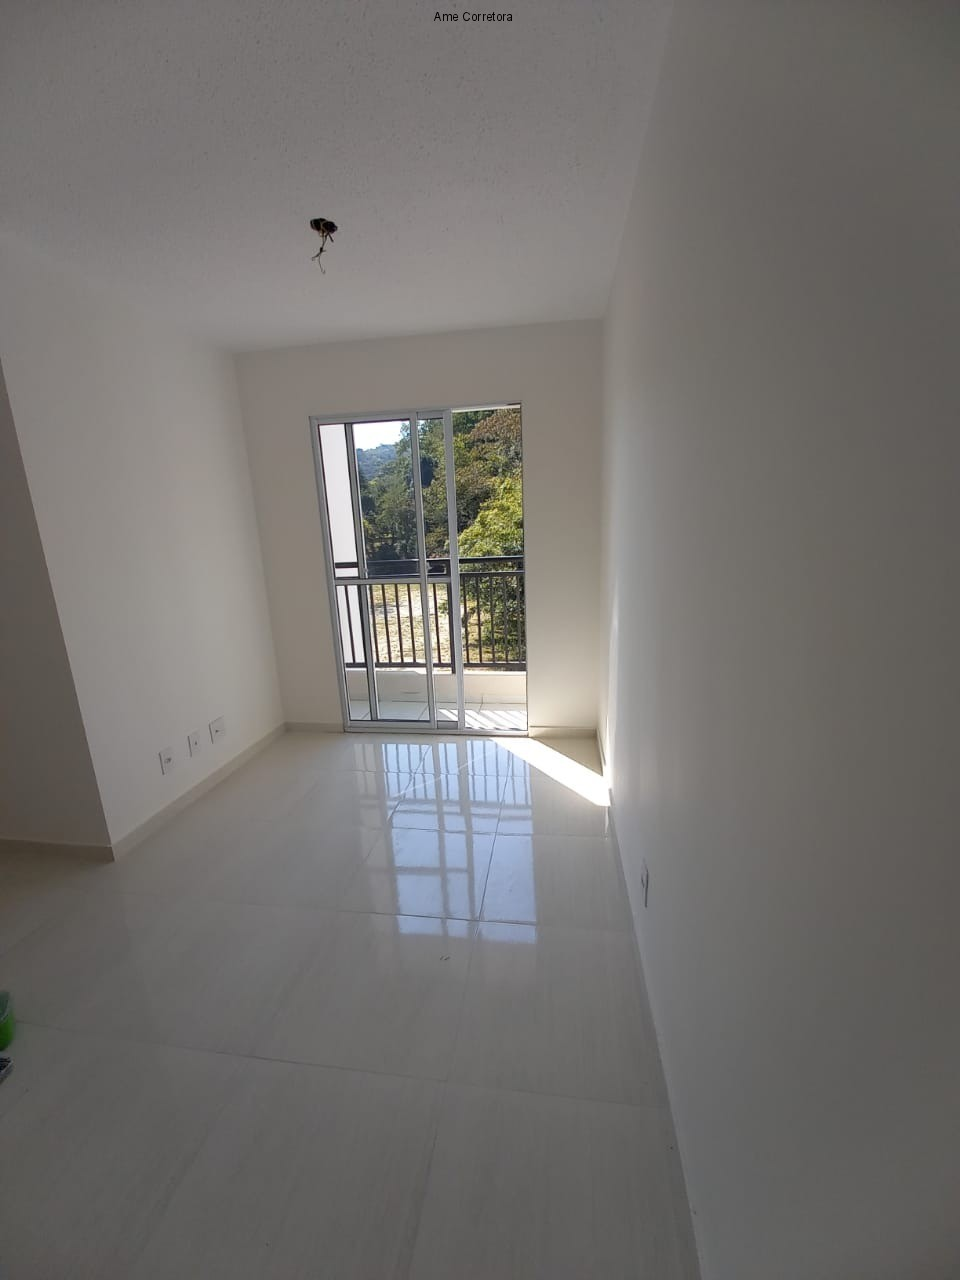 FOTO 17 - Apartamento 2 quartos à venda Taquara, Rio de Janeiro - R$ 270.000 - AP00389 - 18